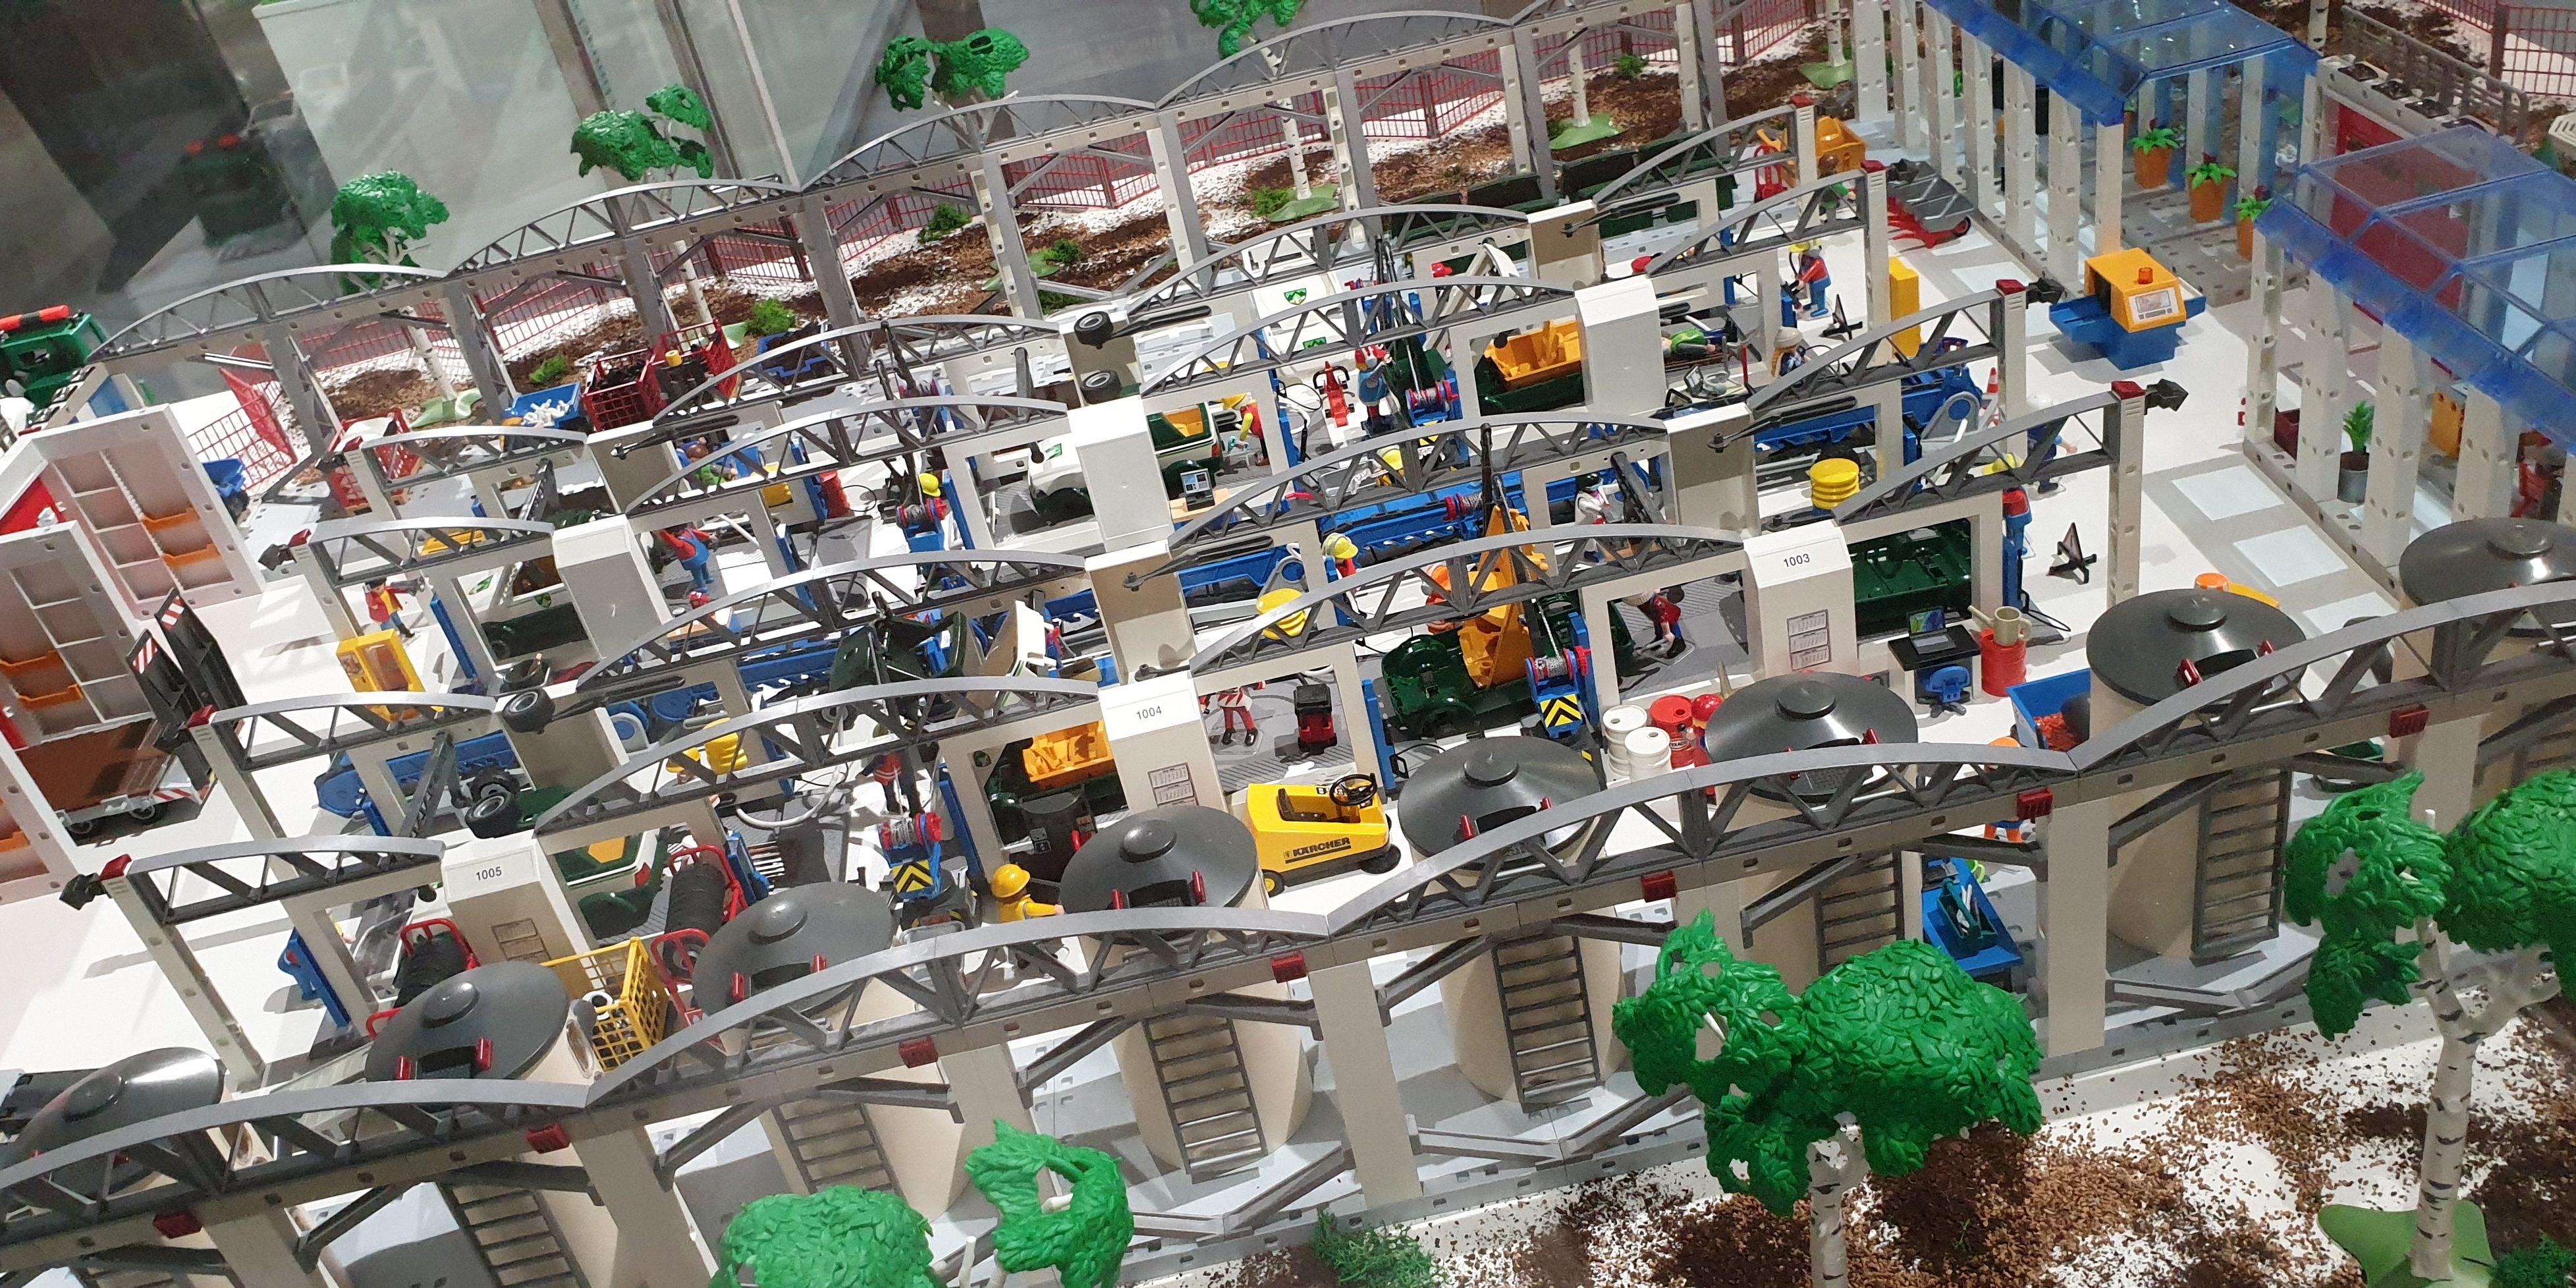 Playmobil Ausstellung Bonn